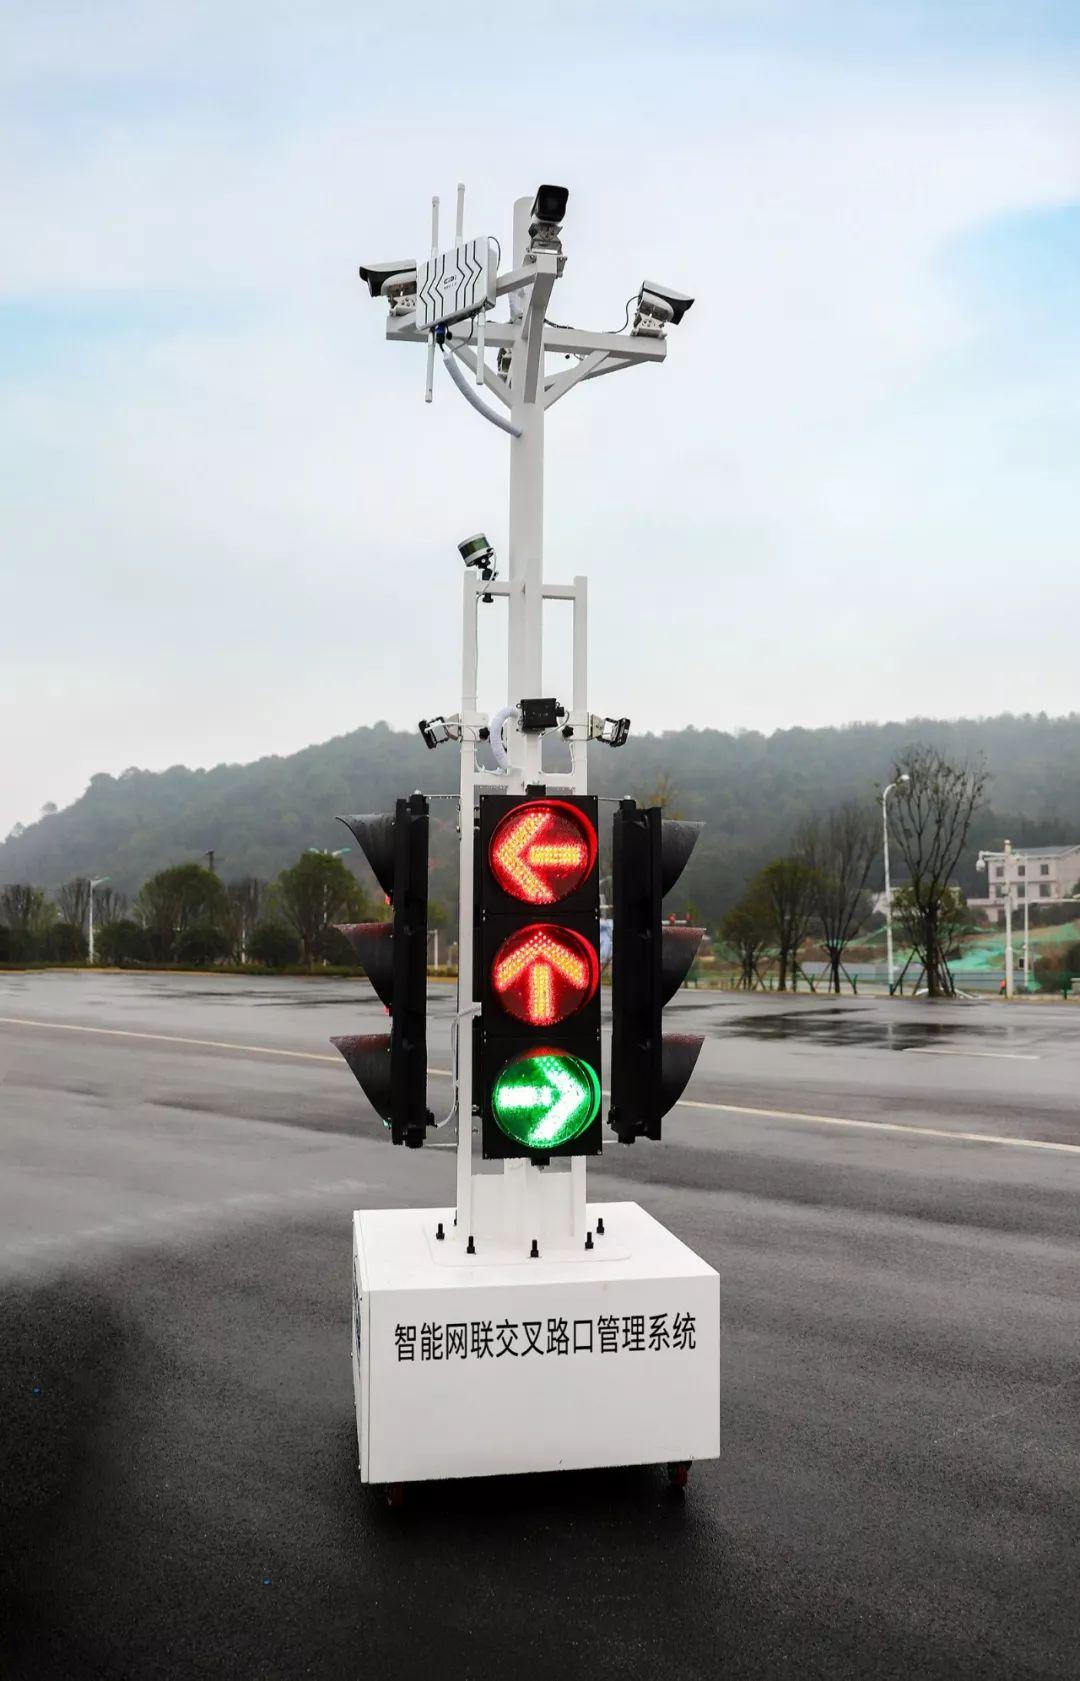 車聯網V2X深度應用,聚焦CIDI智能網聯交叉路口技術